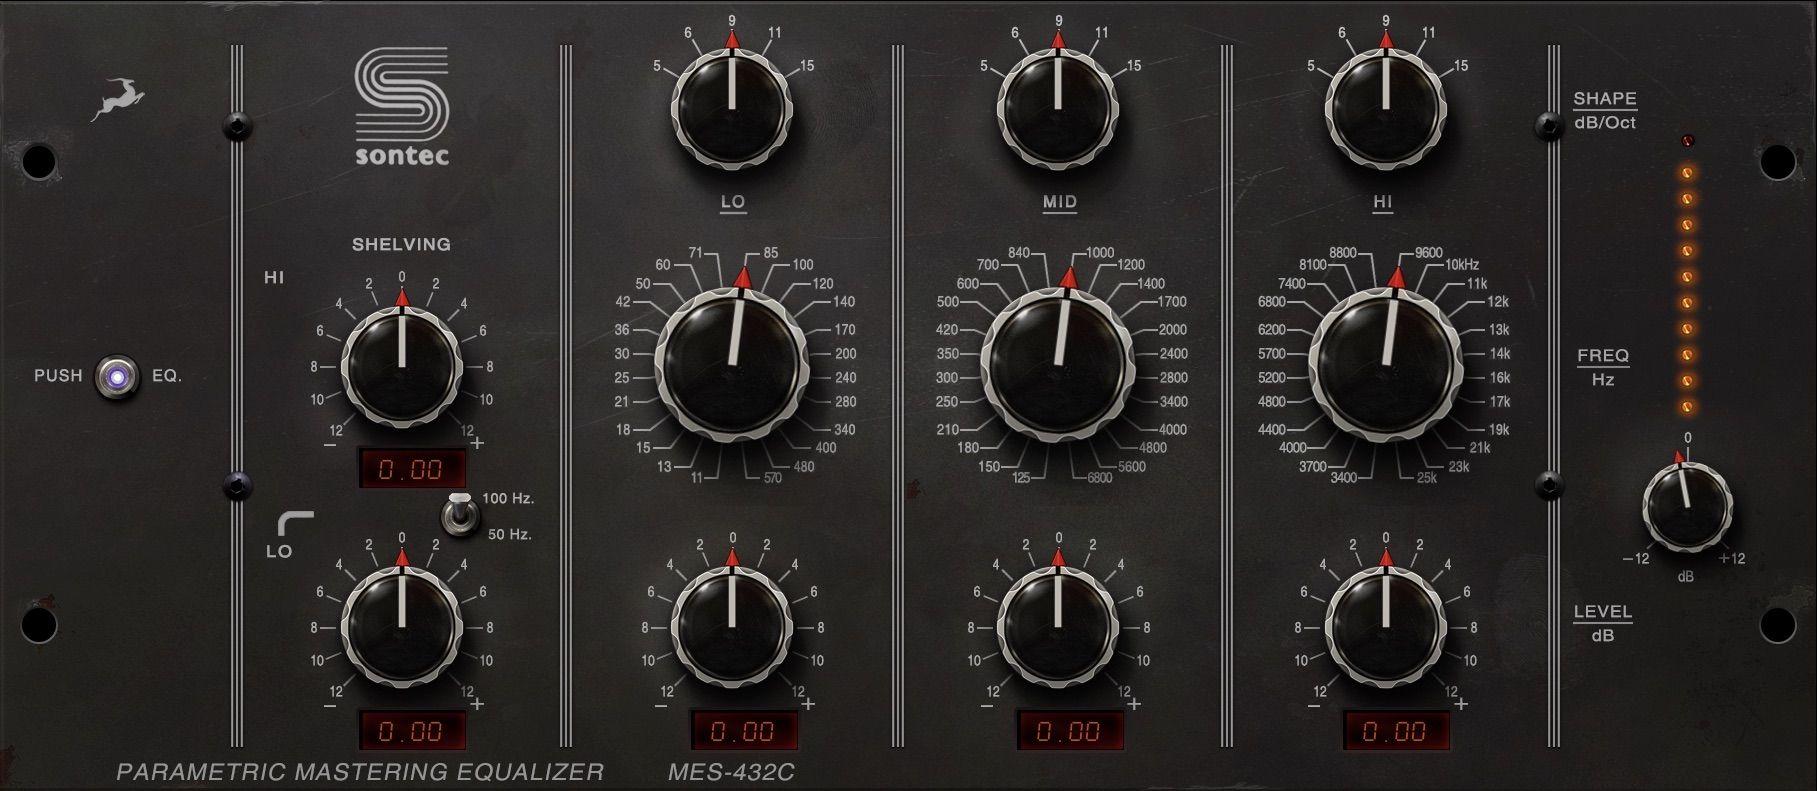 Sontec Mastering equalizer